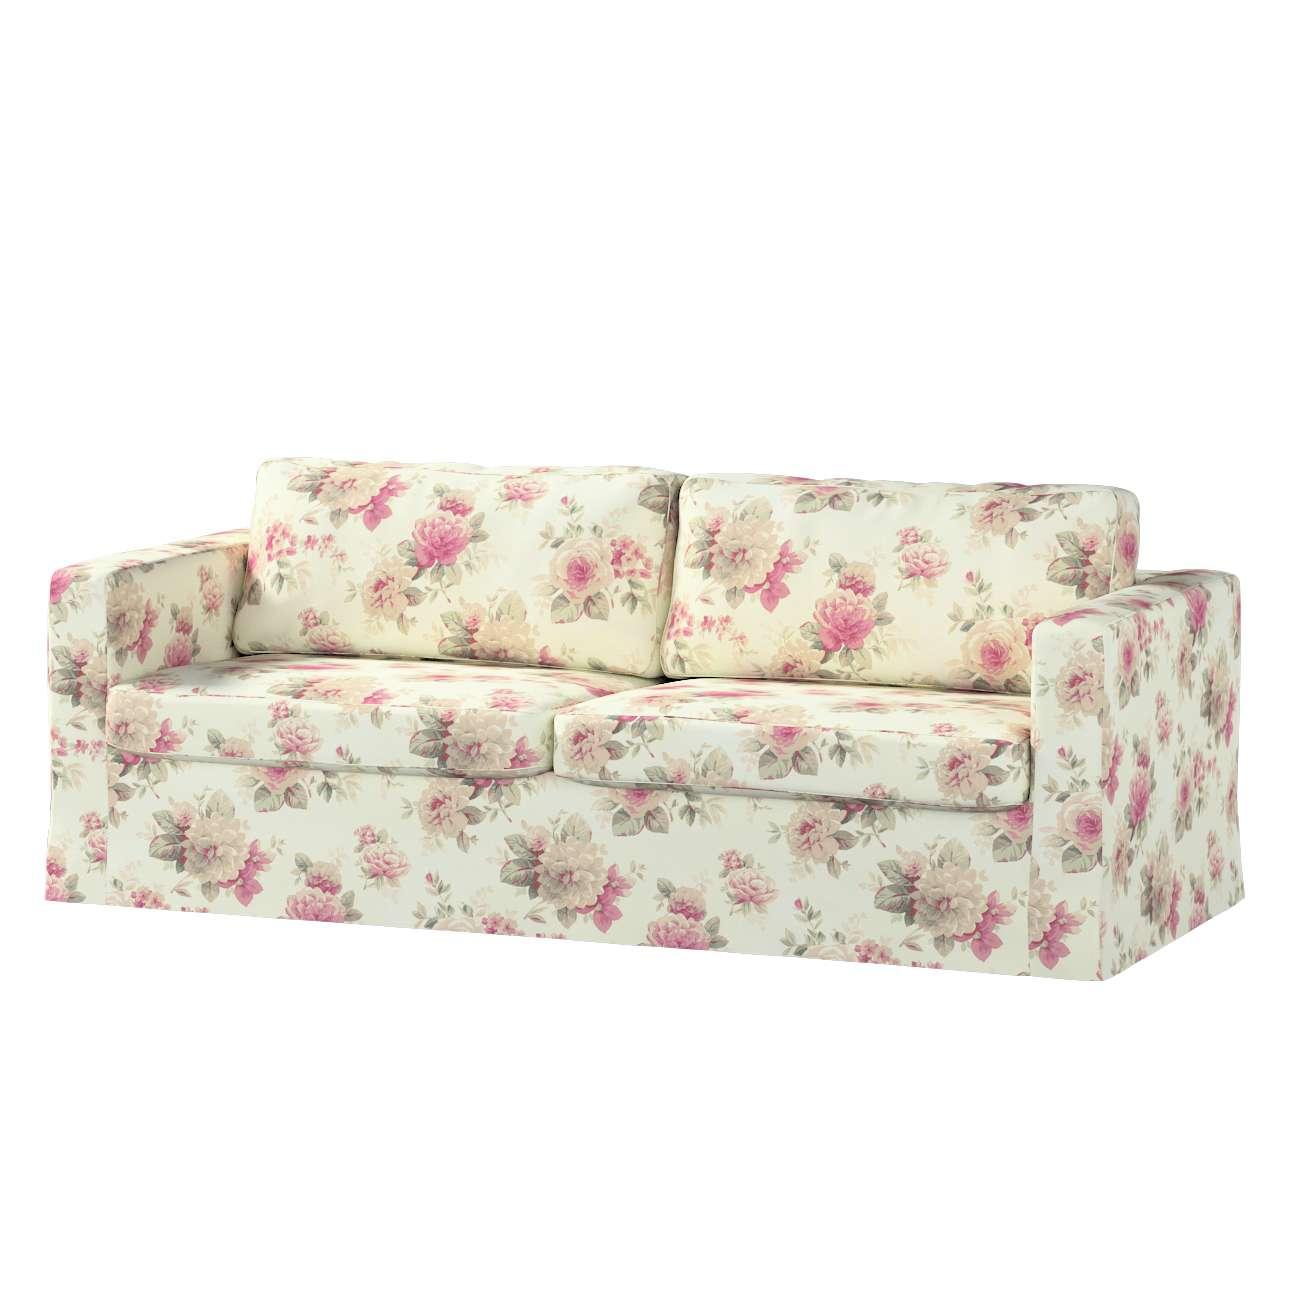 Karlstad 3-Sitzer Sofabezug nicht ausklappbar lang Sofahusse, Karlstad 3-Sitzer von der Kollektion Mirella, Stoff: 141-07